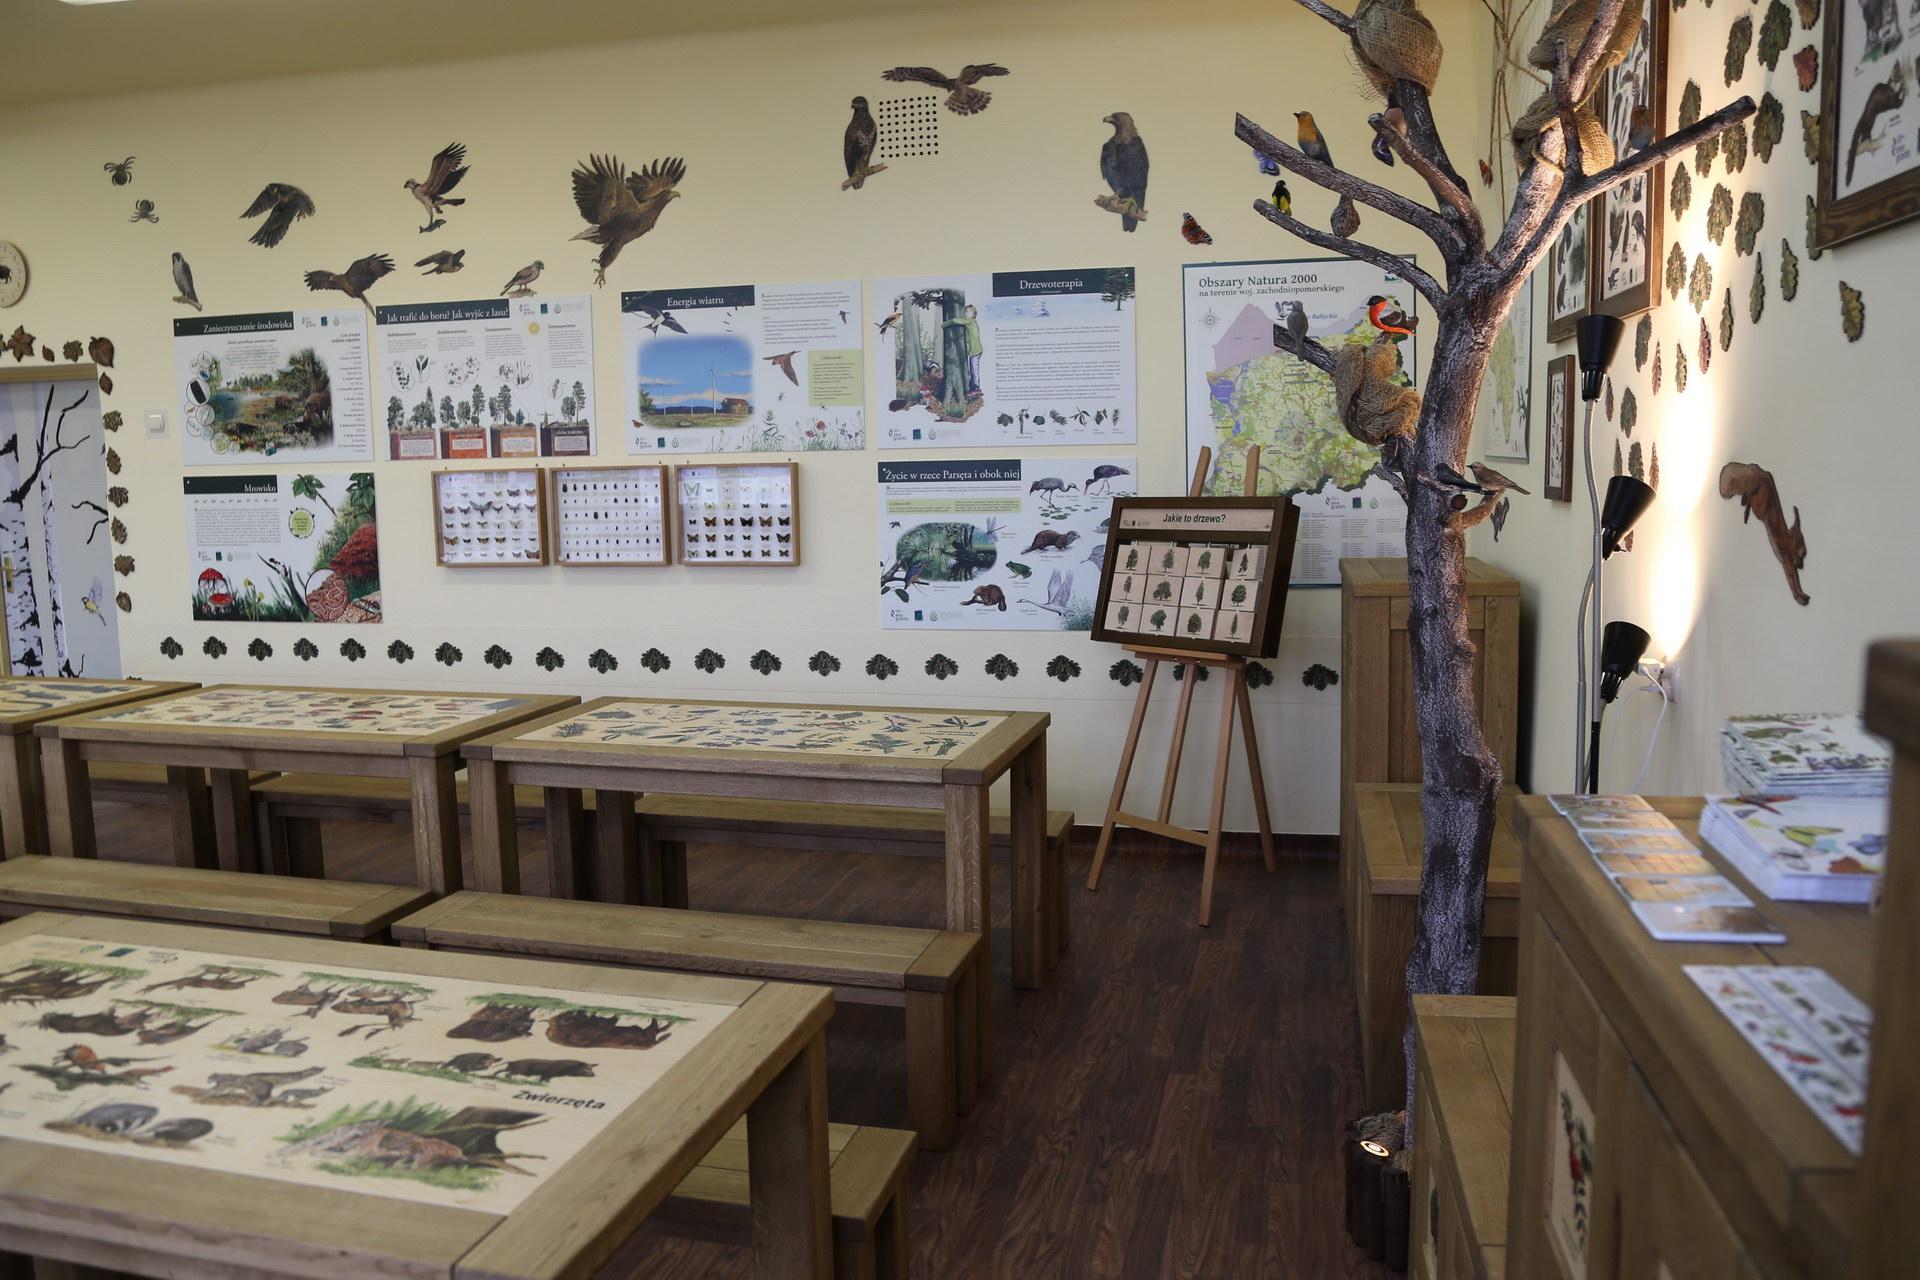 Izby edukacyjne lesne - sale przyrodnicze, wystroj wnetrz - SP w Barwicach (3)